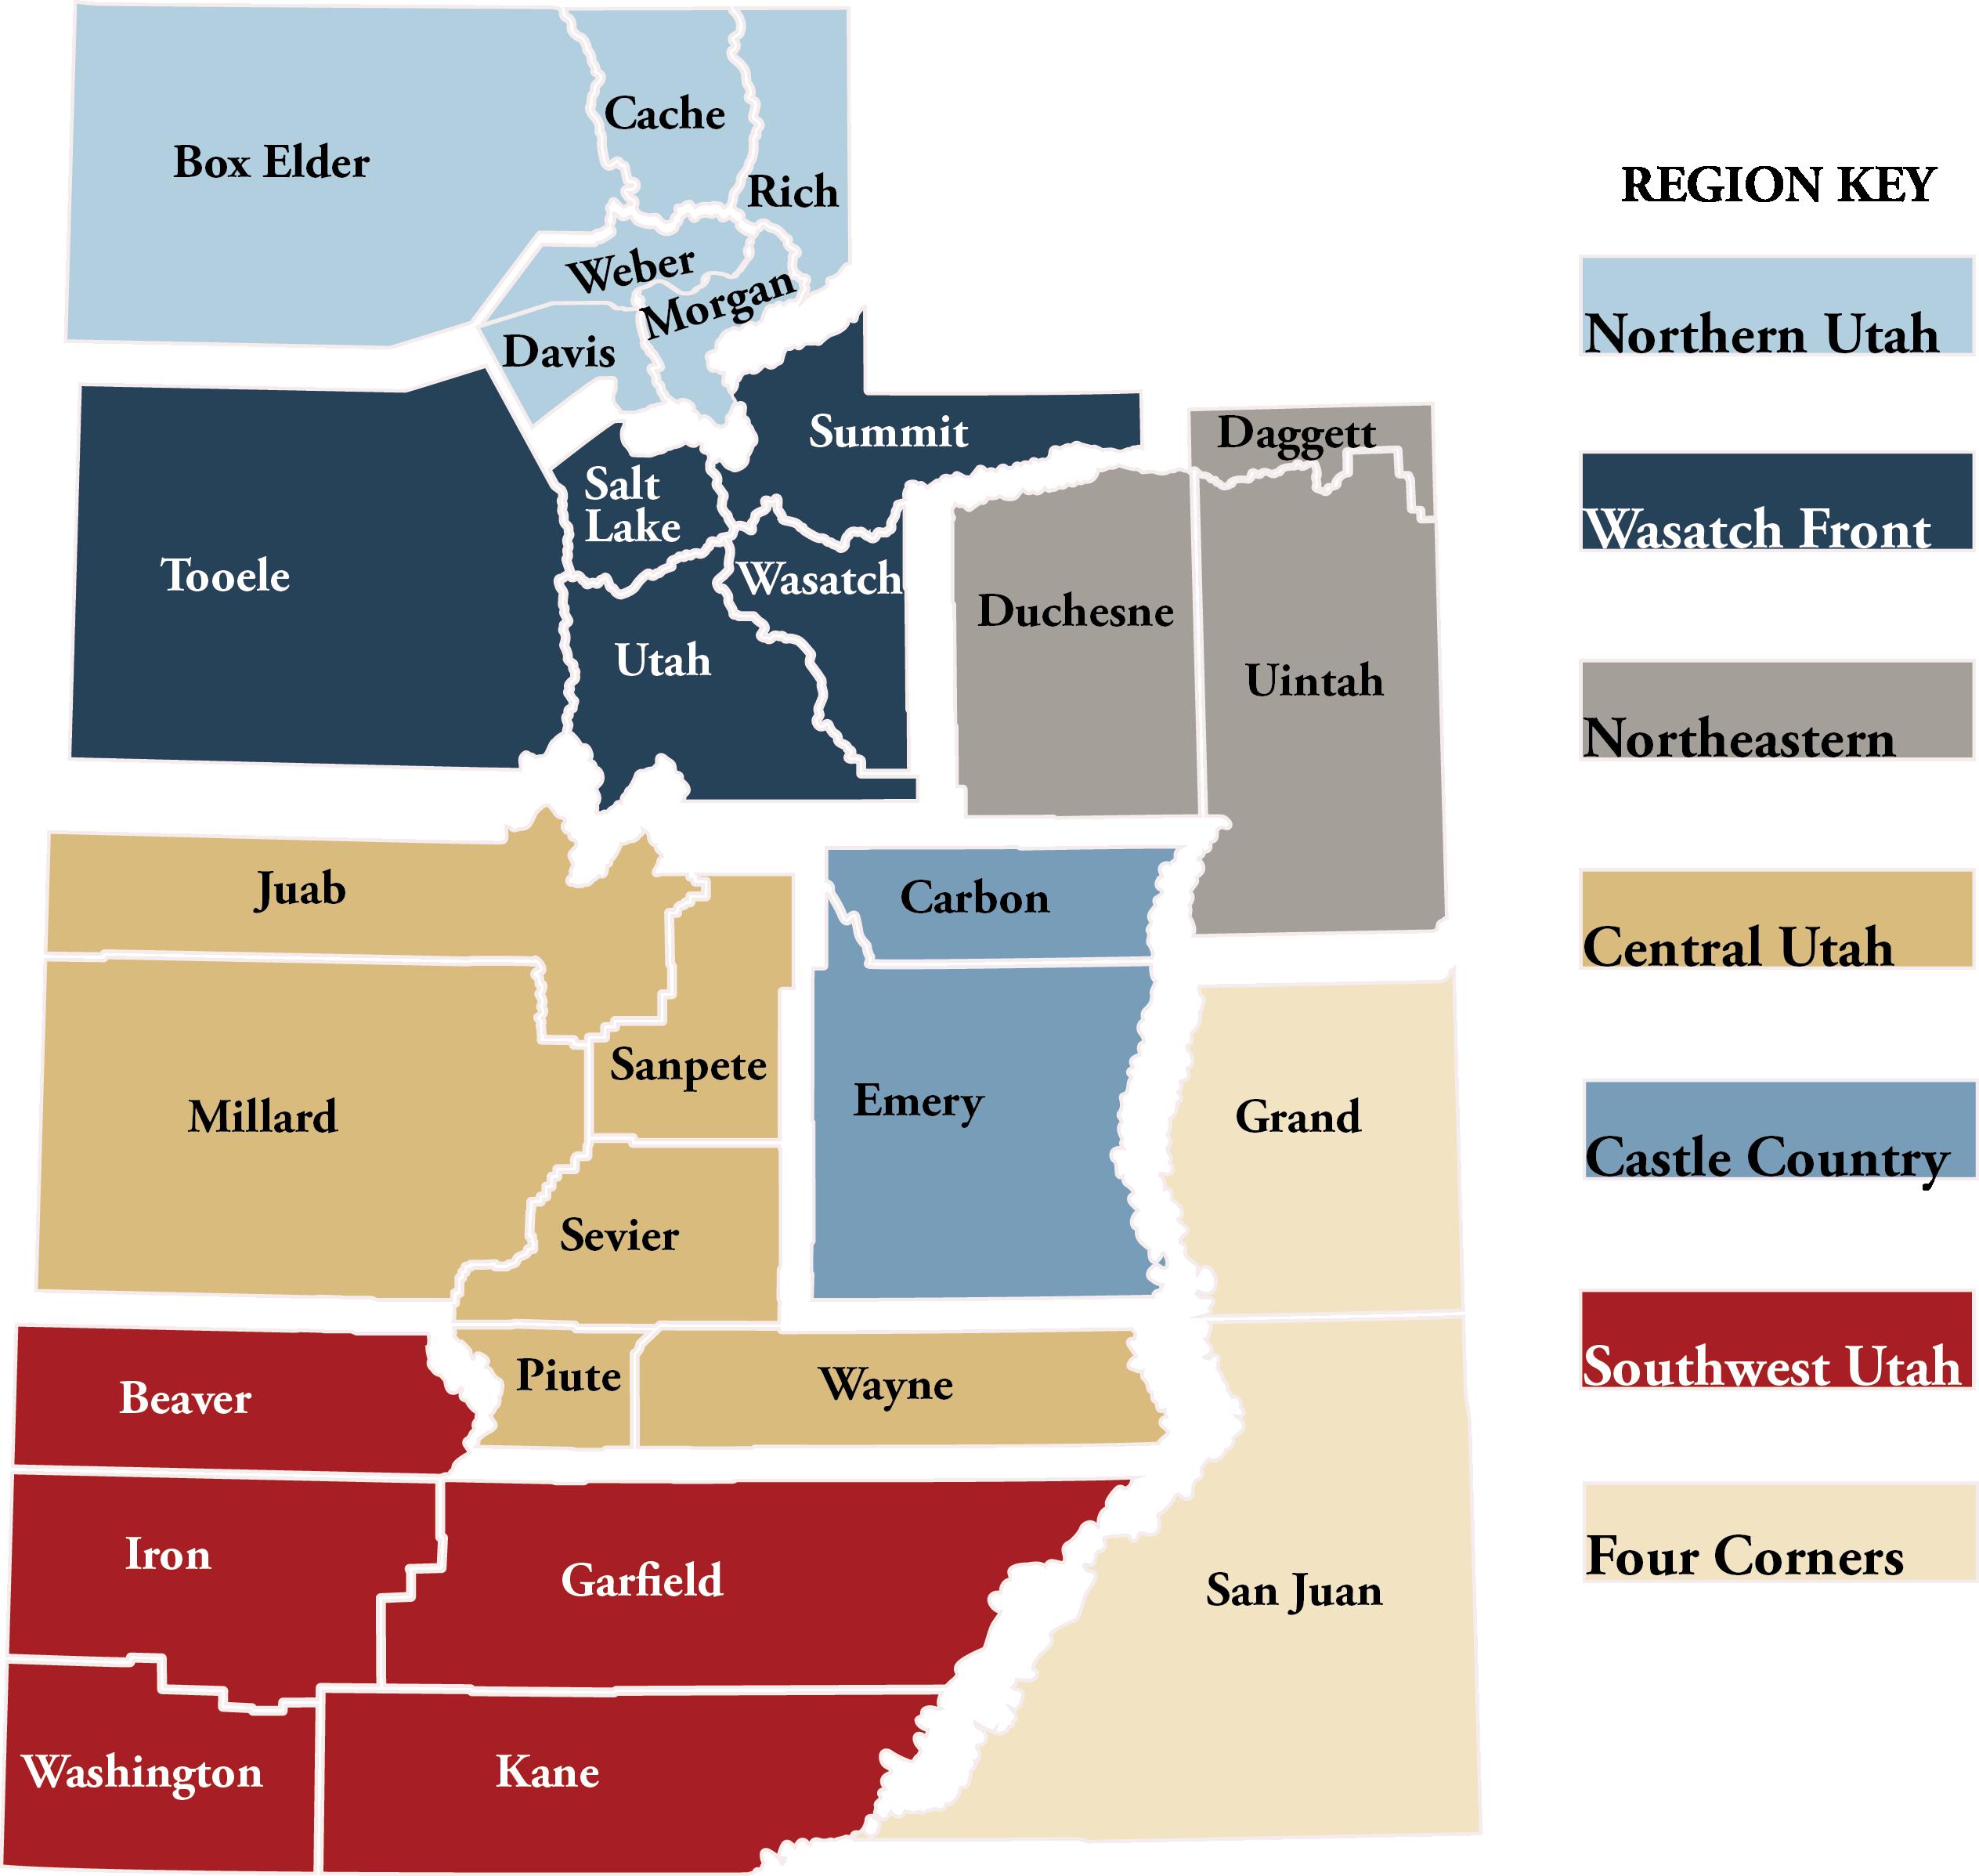 DEM Regions of Utah